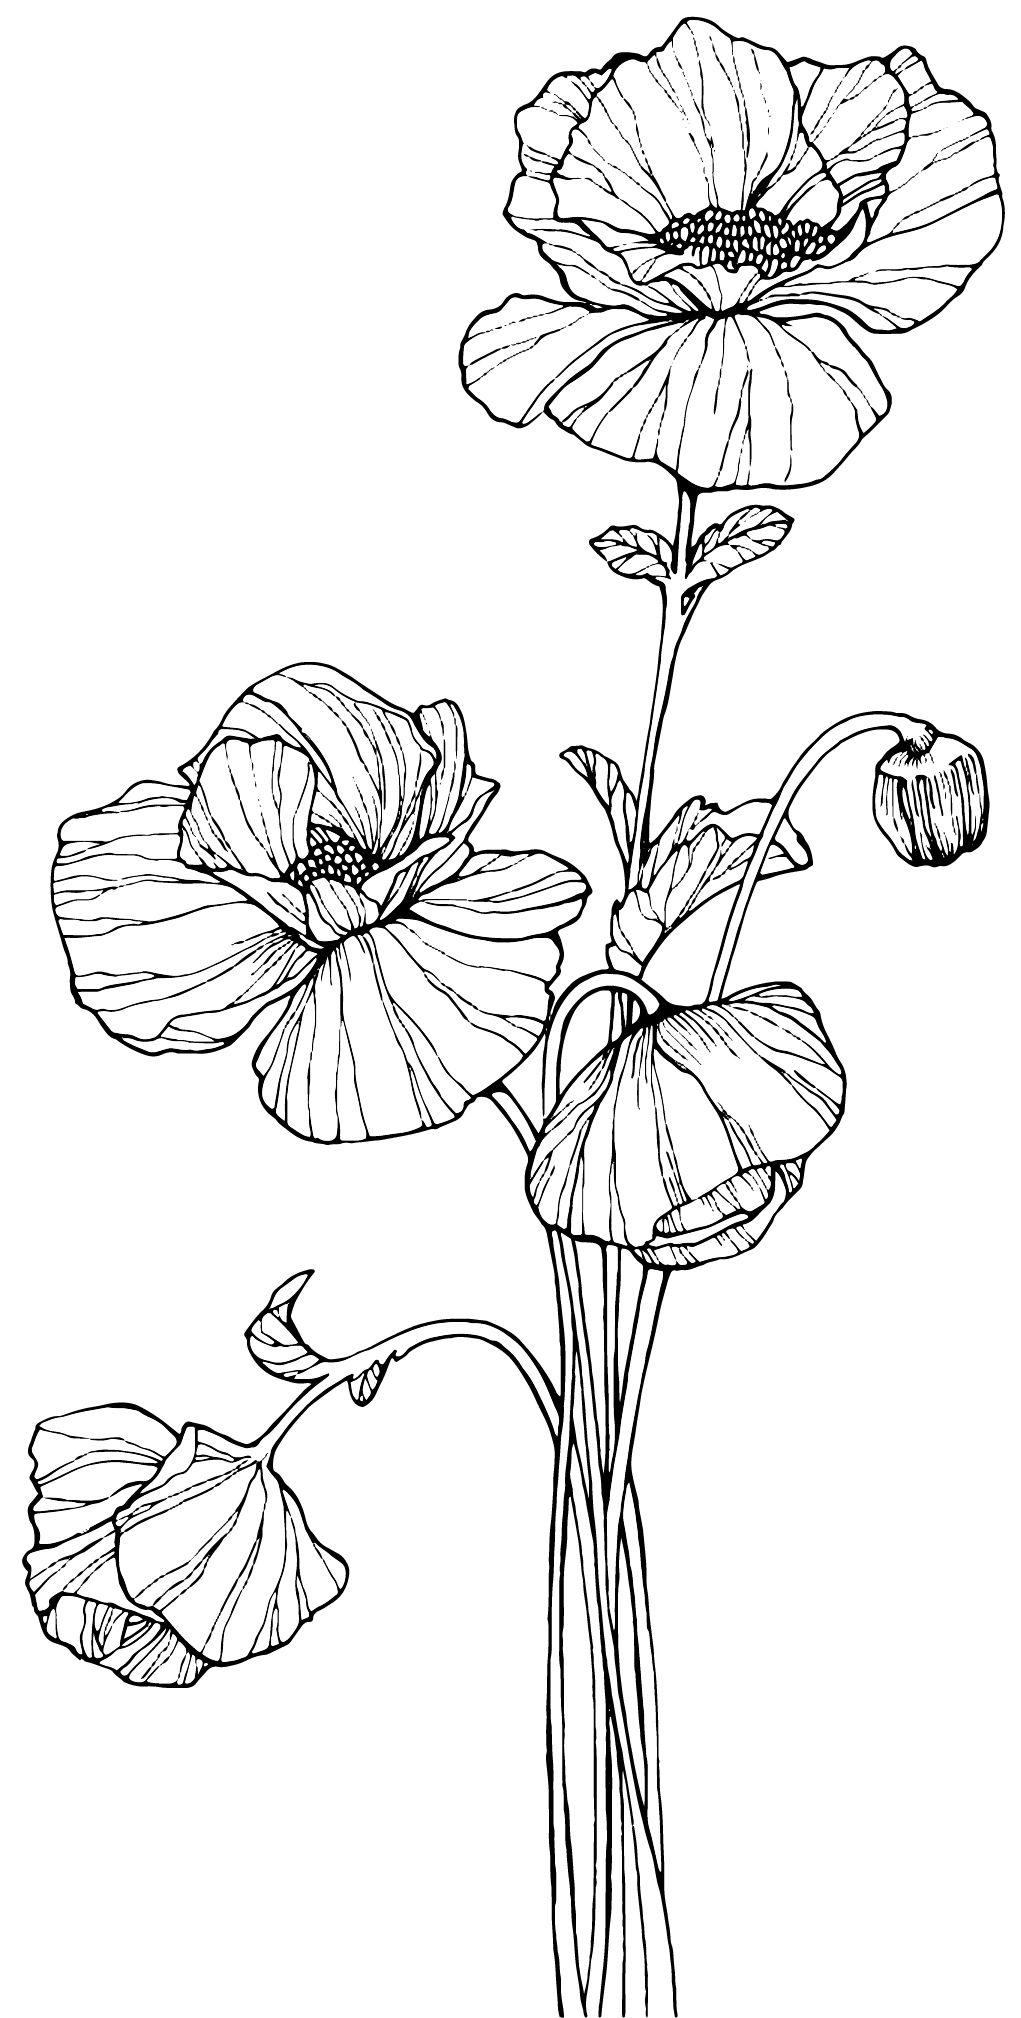 frisch malvorlagen mohnblumen kostenlos  top kostenlos